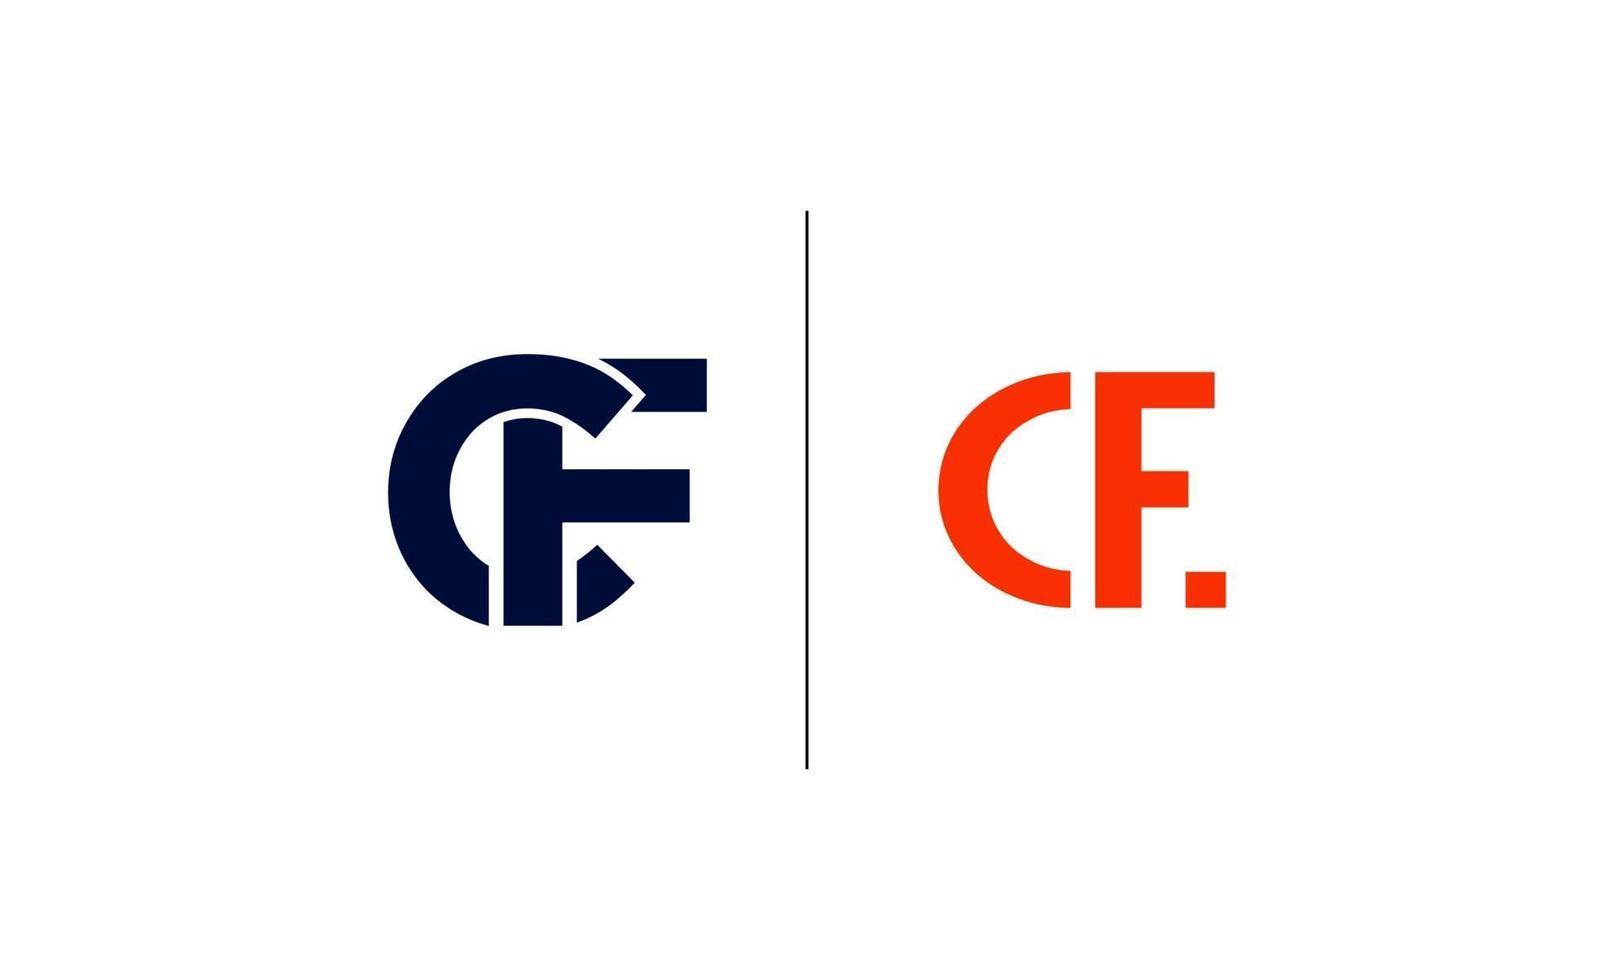 CF monogram initialer brev logotyp koncept vektor